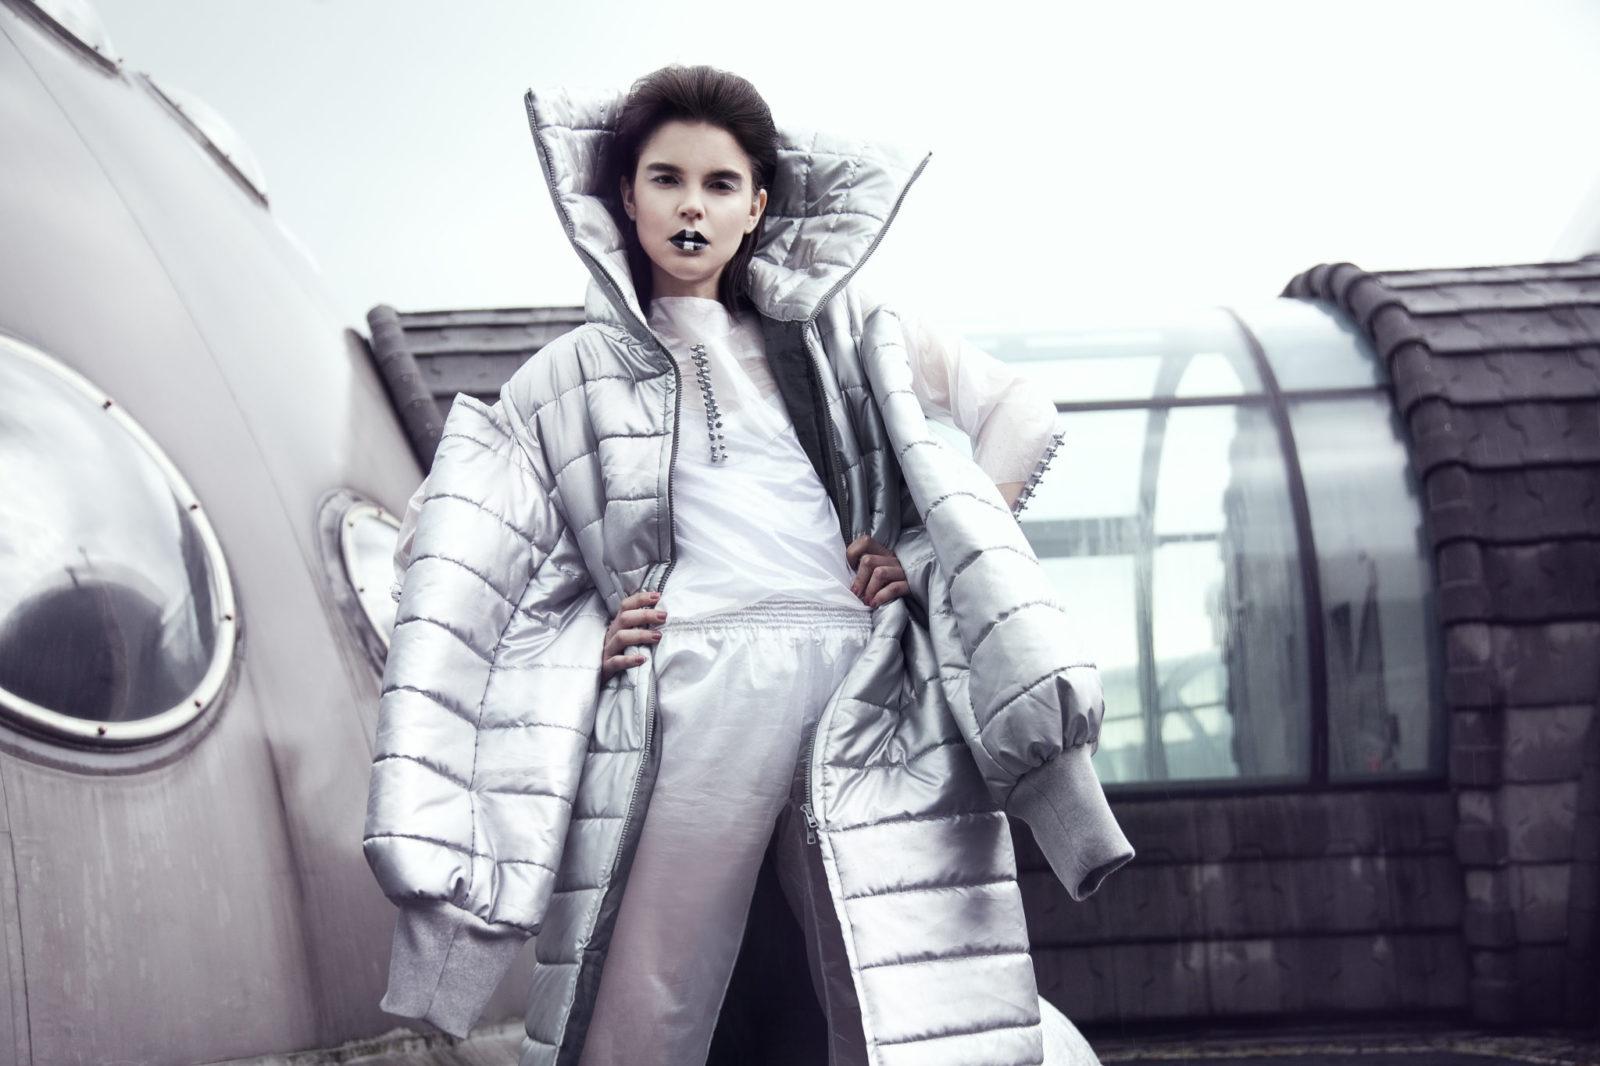 Kobieta trzymająca się za boki, stojąca w dużym, srebrnym płaszczu